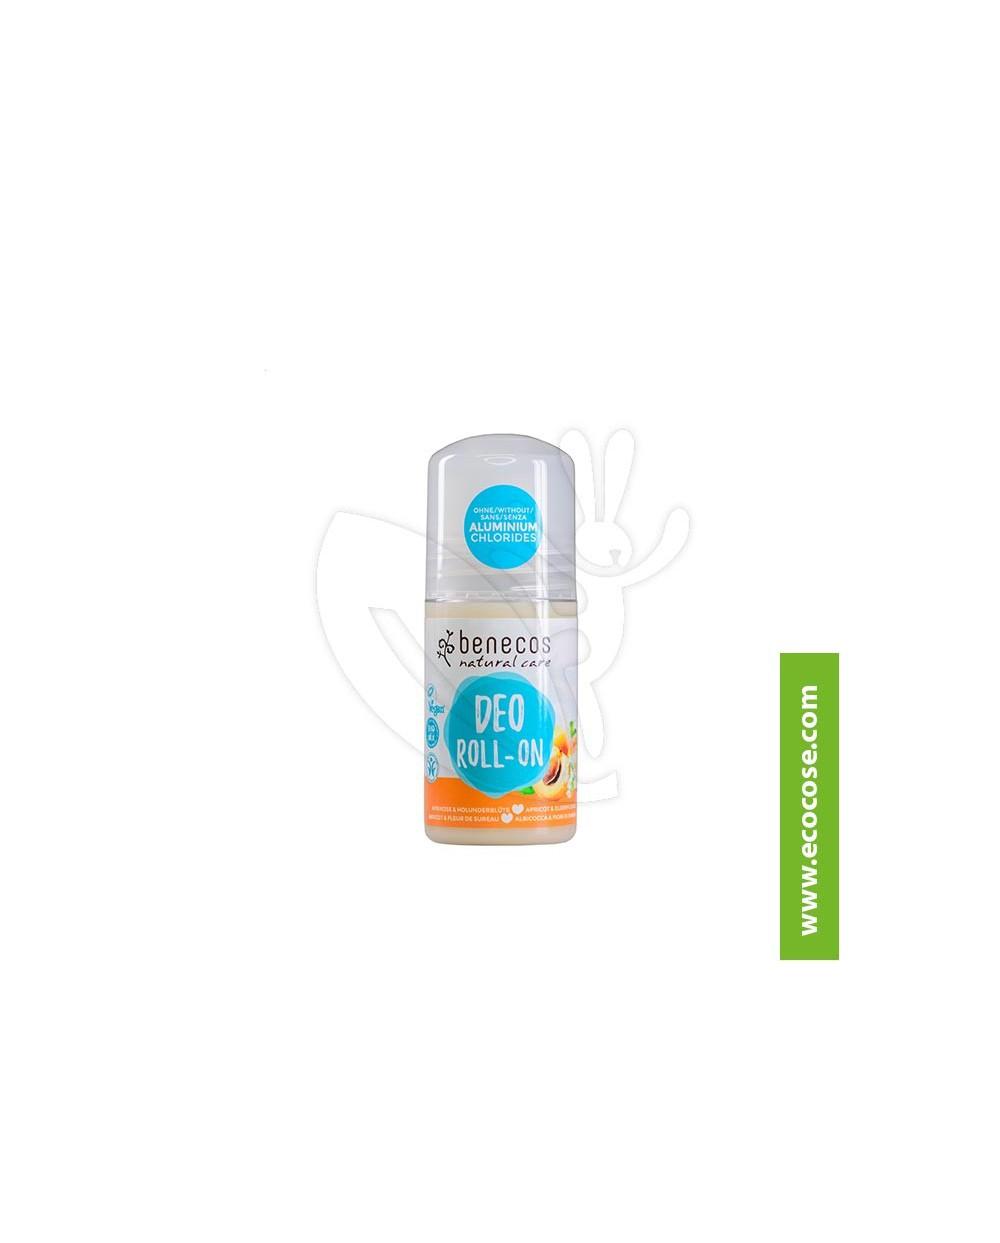 Benecos - Natural Care - Deo roll on - Albicocca e Fiori di Sambuco